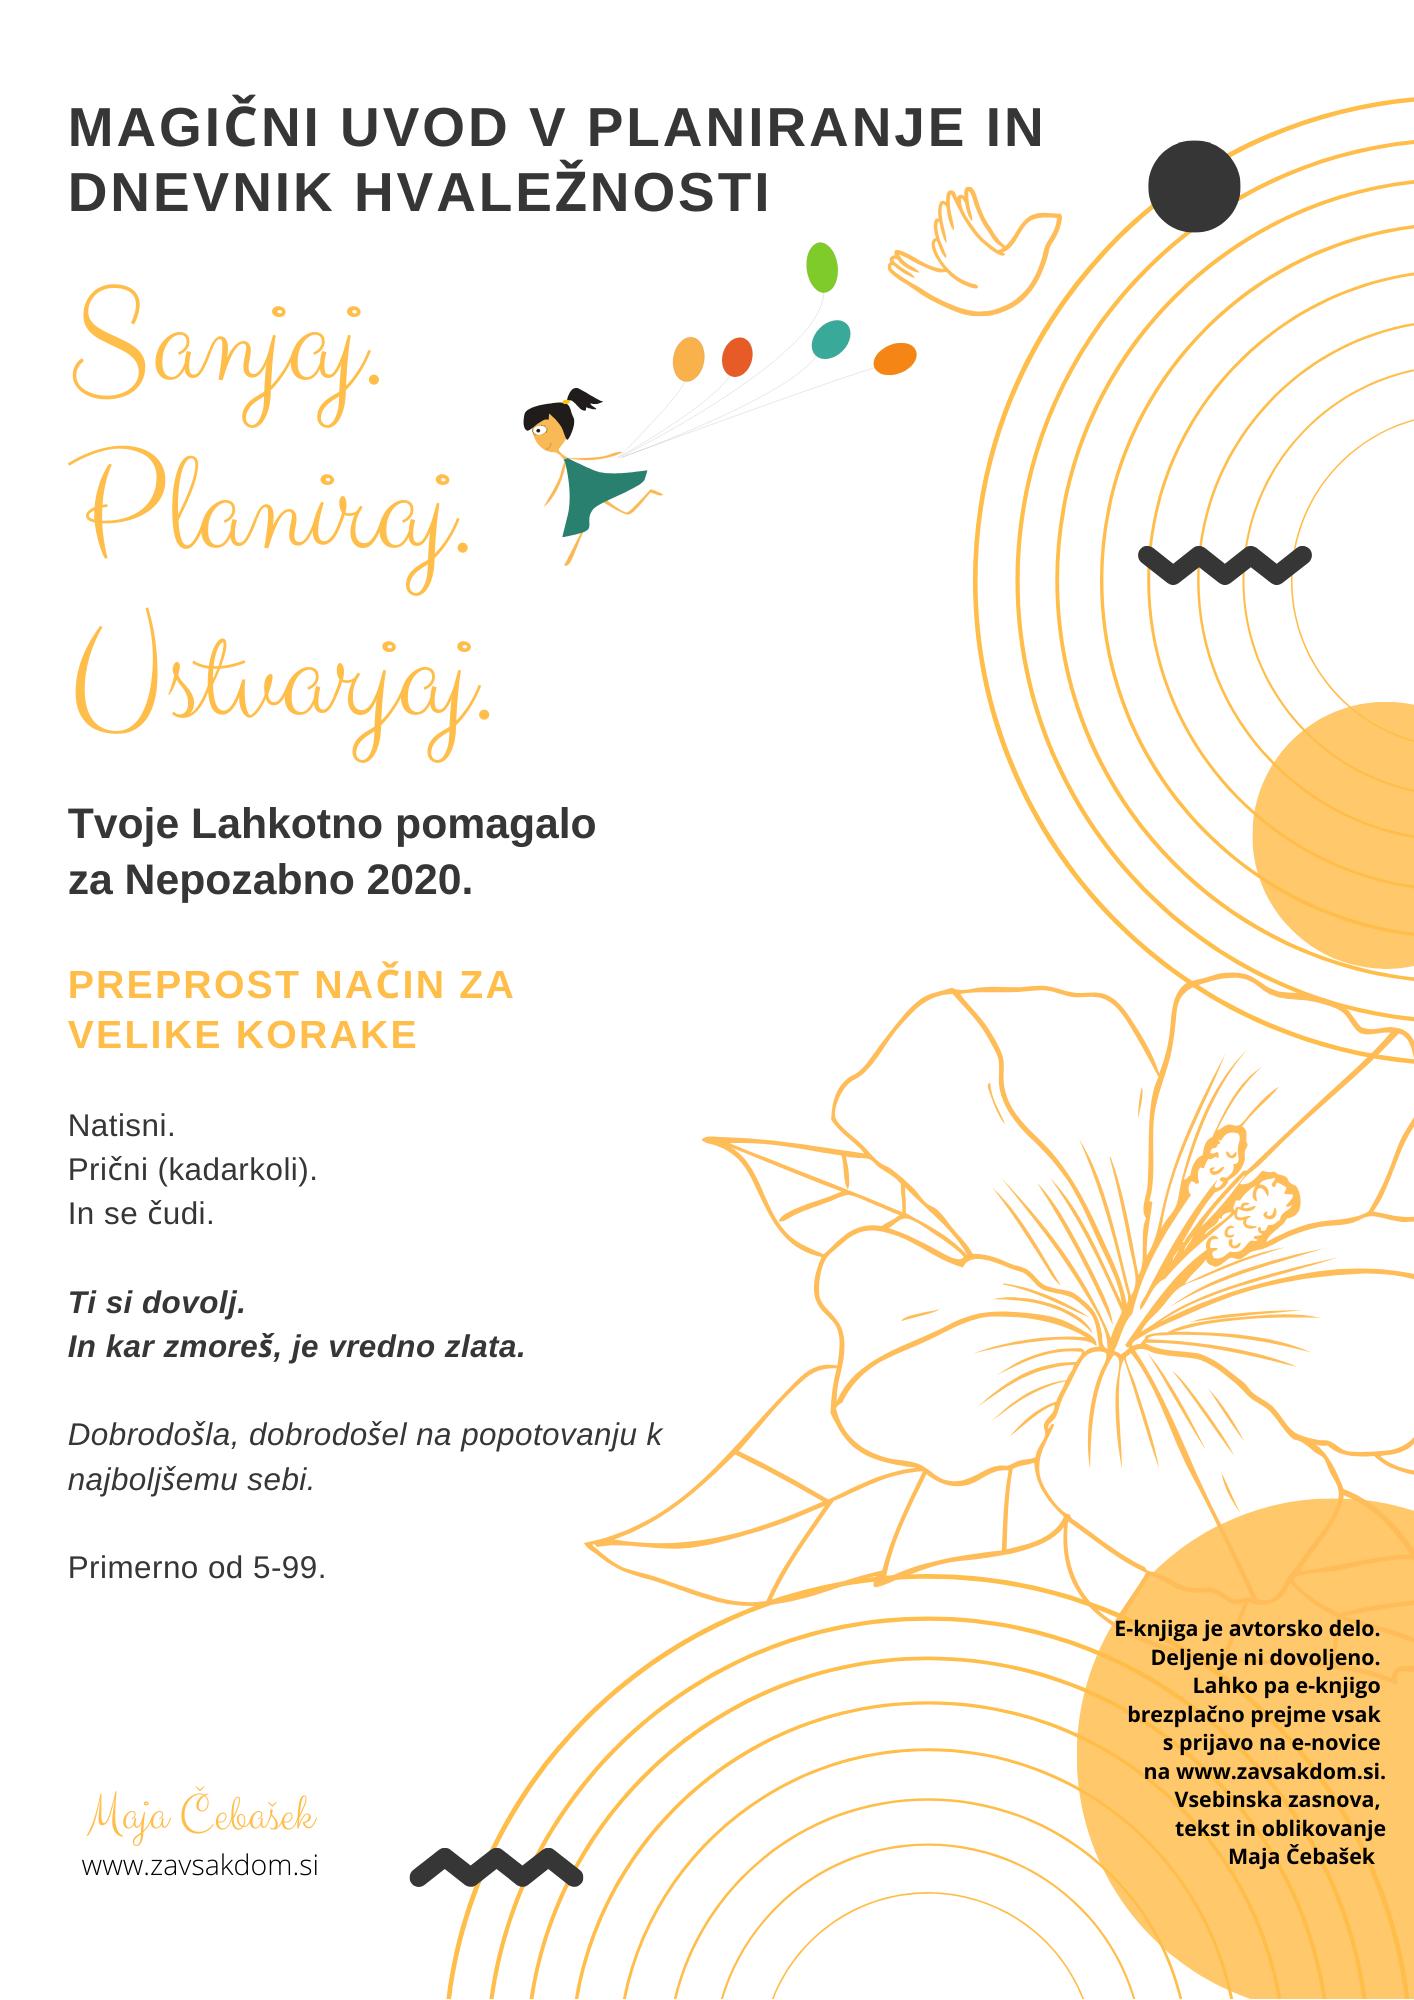 gratis brezplačni planer dnevnik hvaležnosti